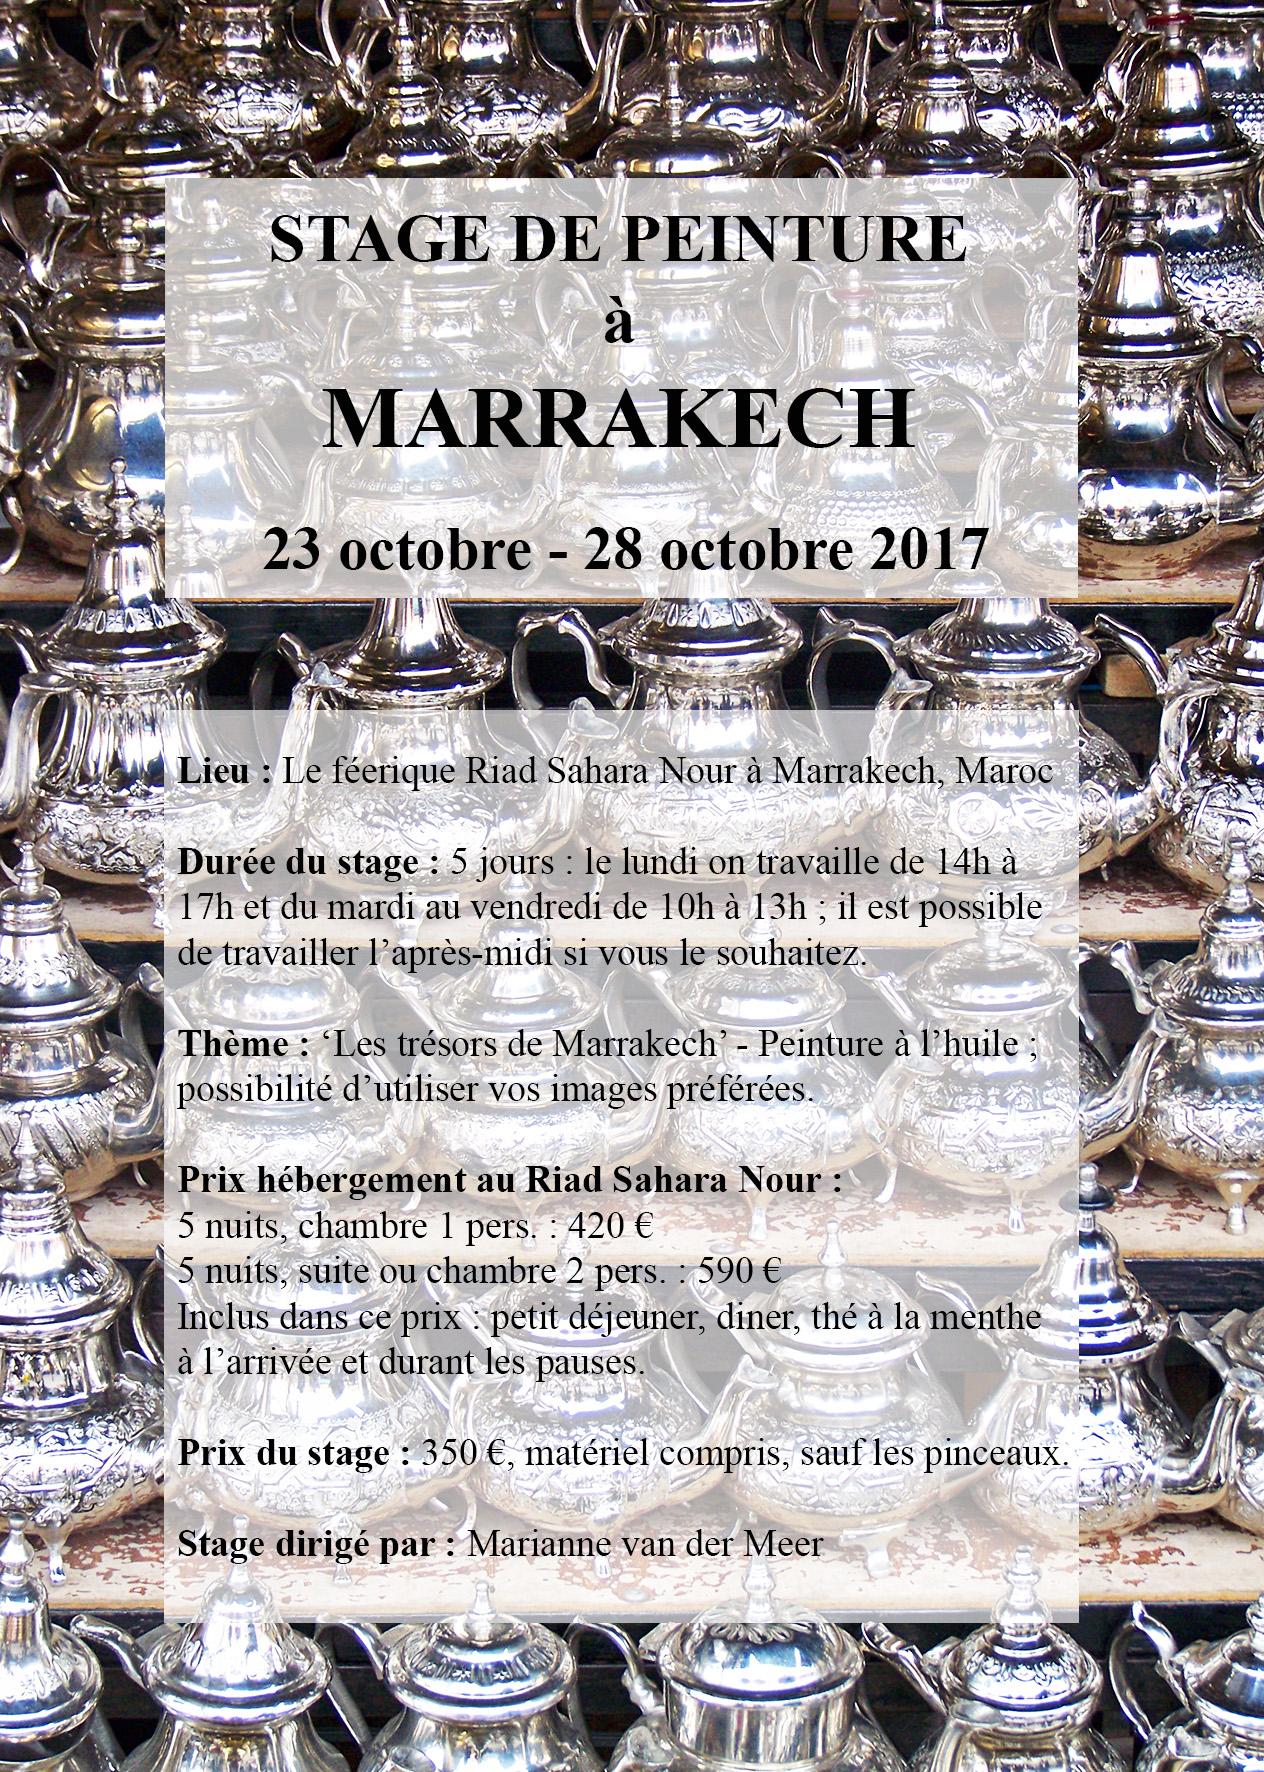 STAGE DE PEINTURE A MARRAKECH 23 28 OCT 2017 Site de l Atelier